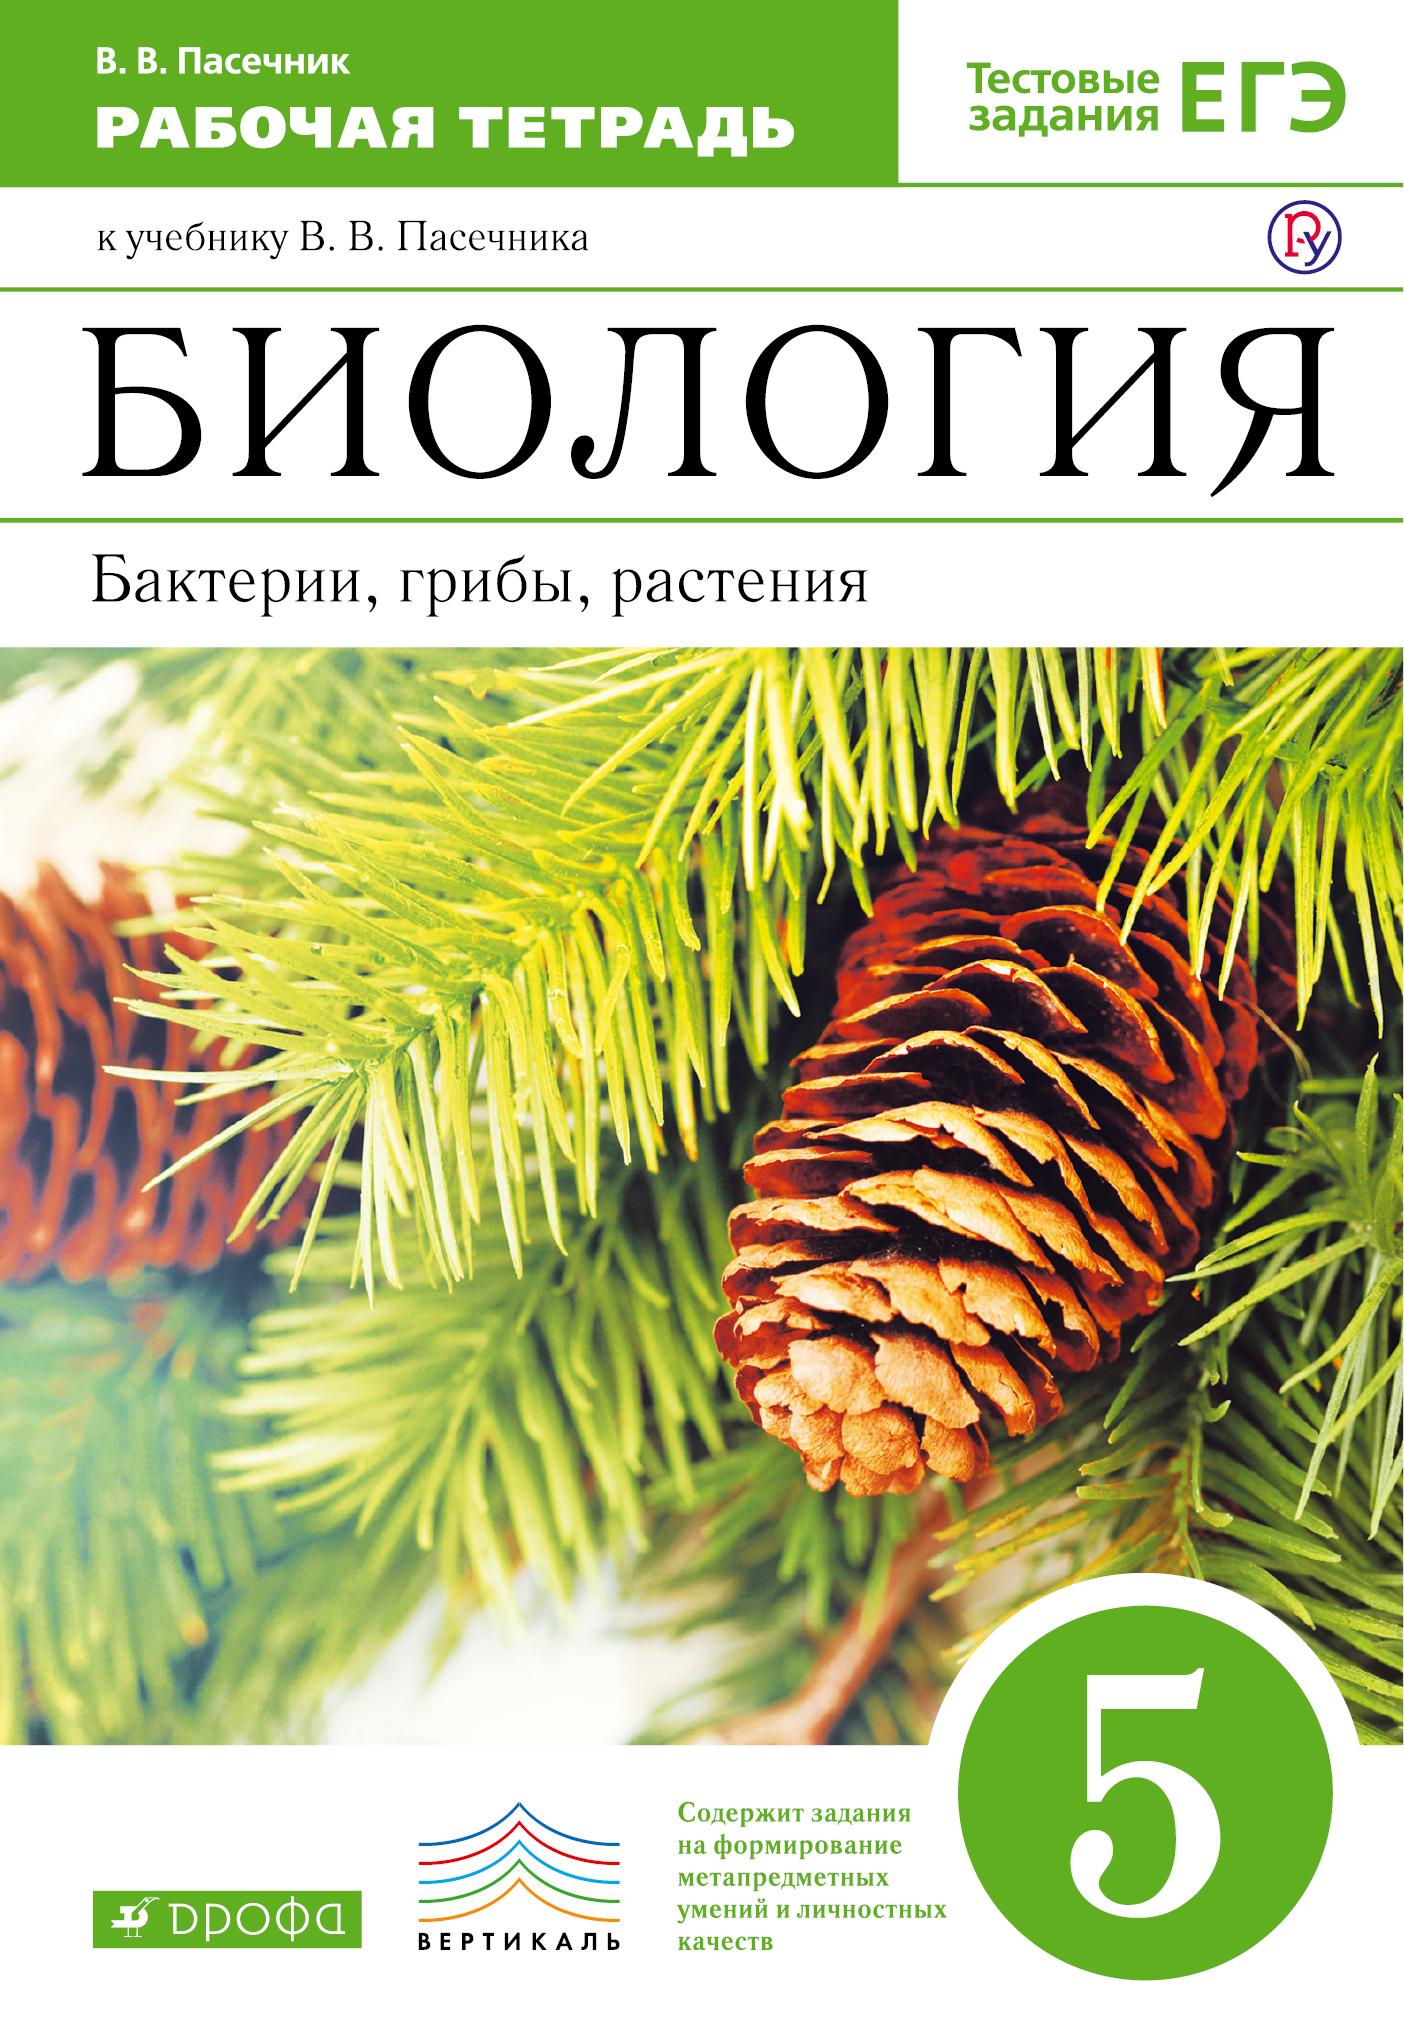 Биология. 5 класс. Бактерии, грибы, растения. Рабочая тетрадь